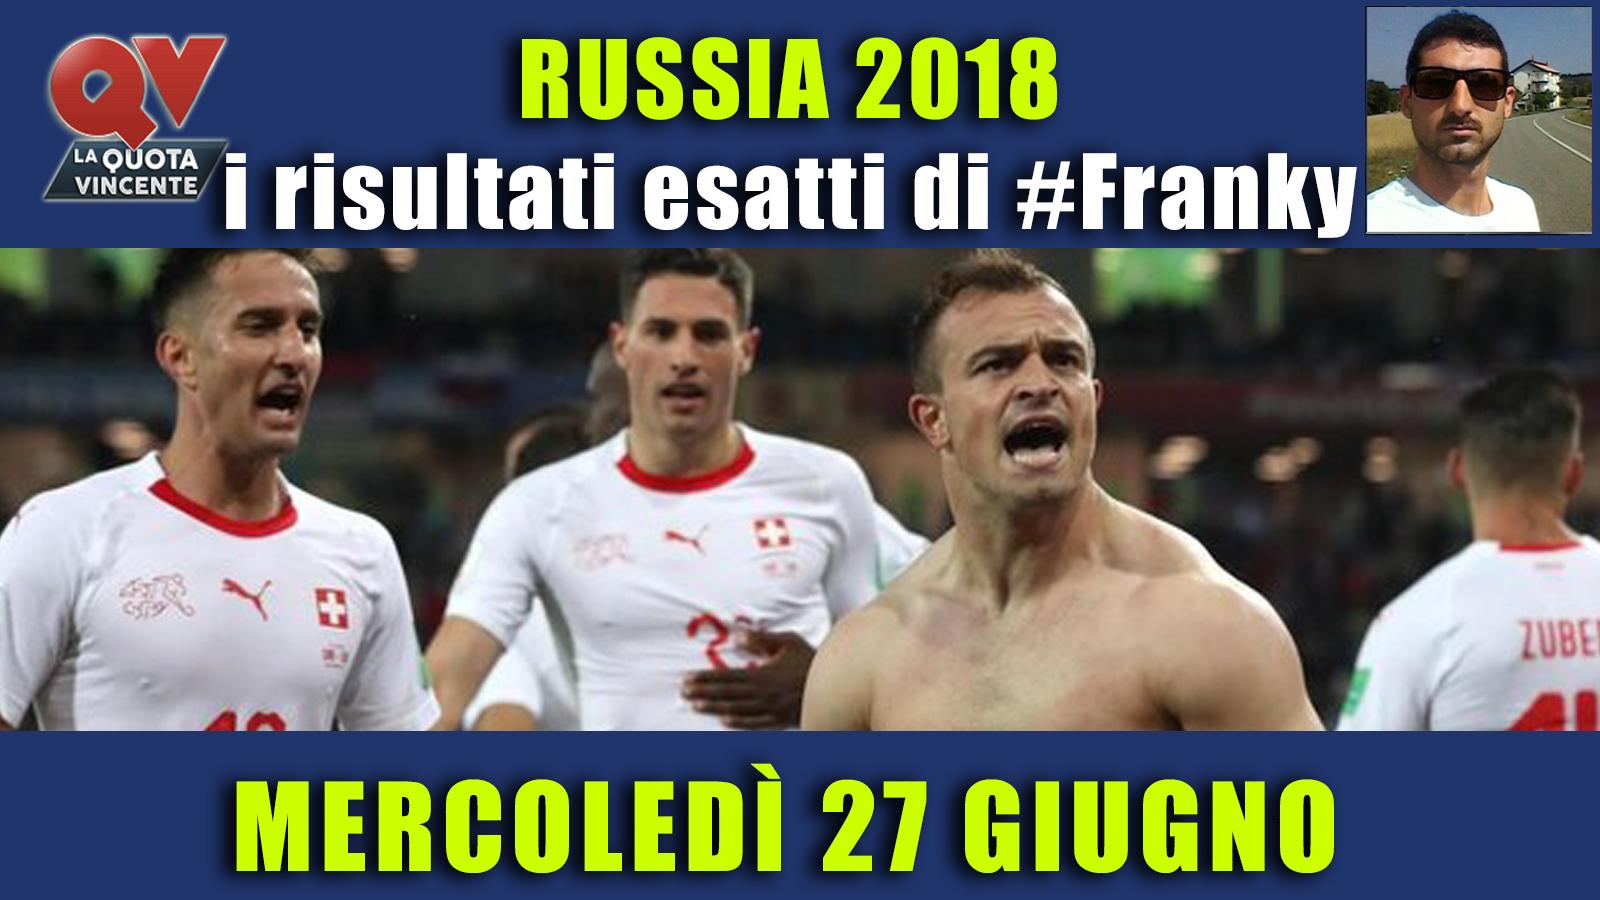 Pronostici risultati esatti Mondiali 27 giugno: le scelte di #FrankyDefa